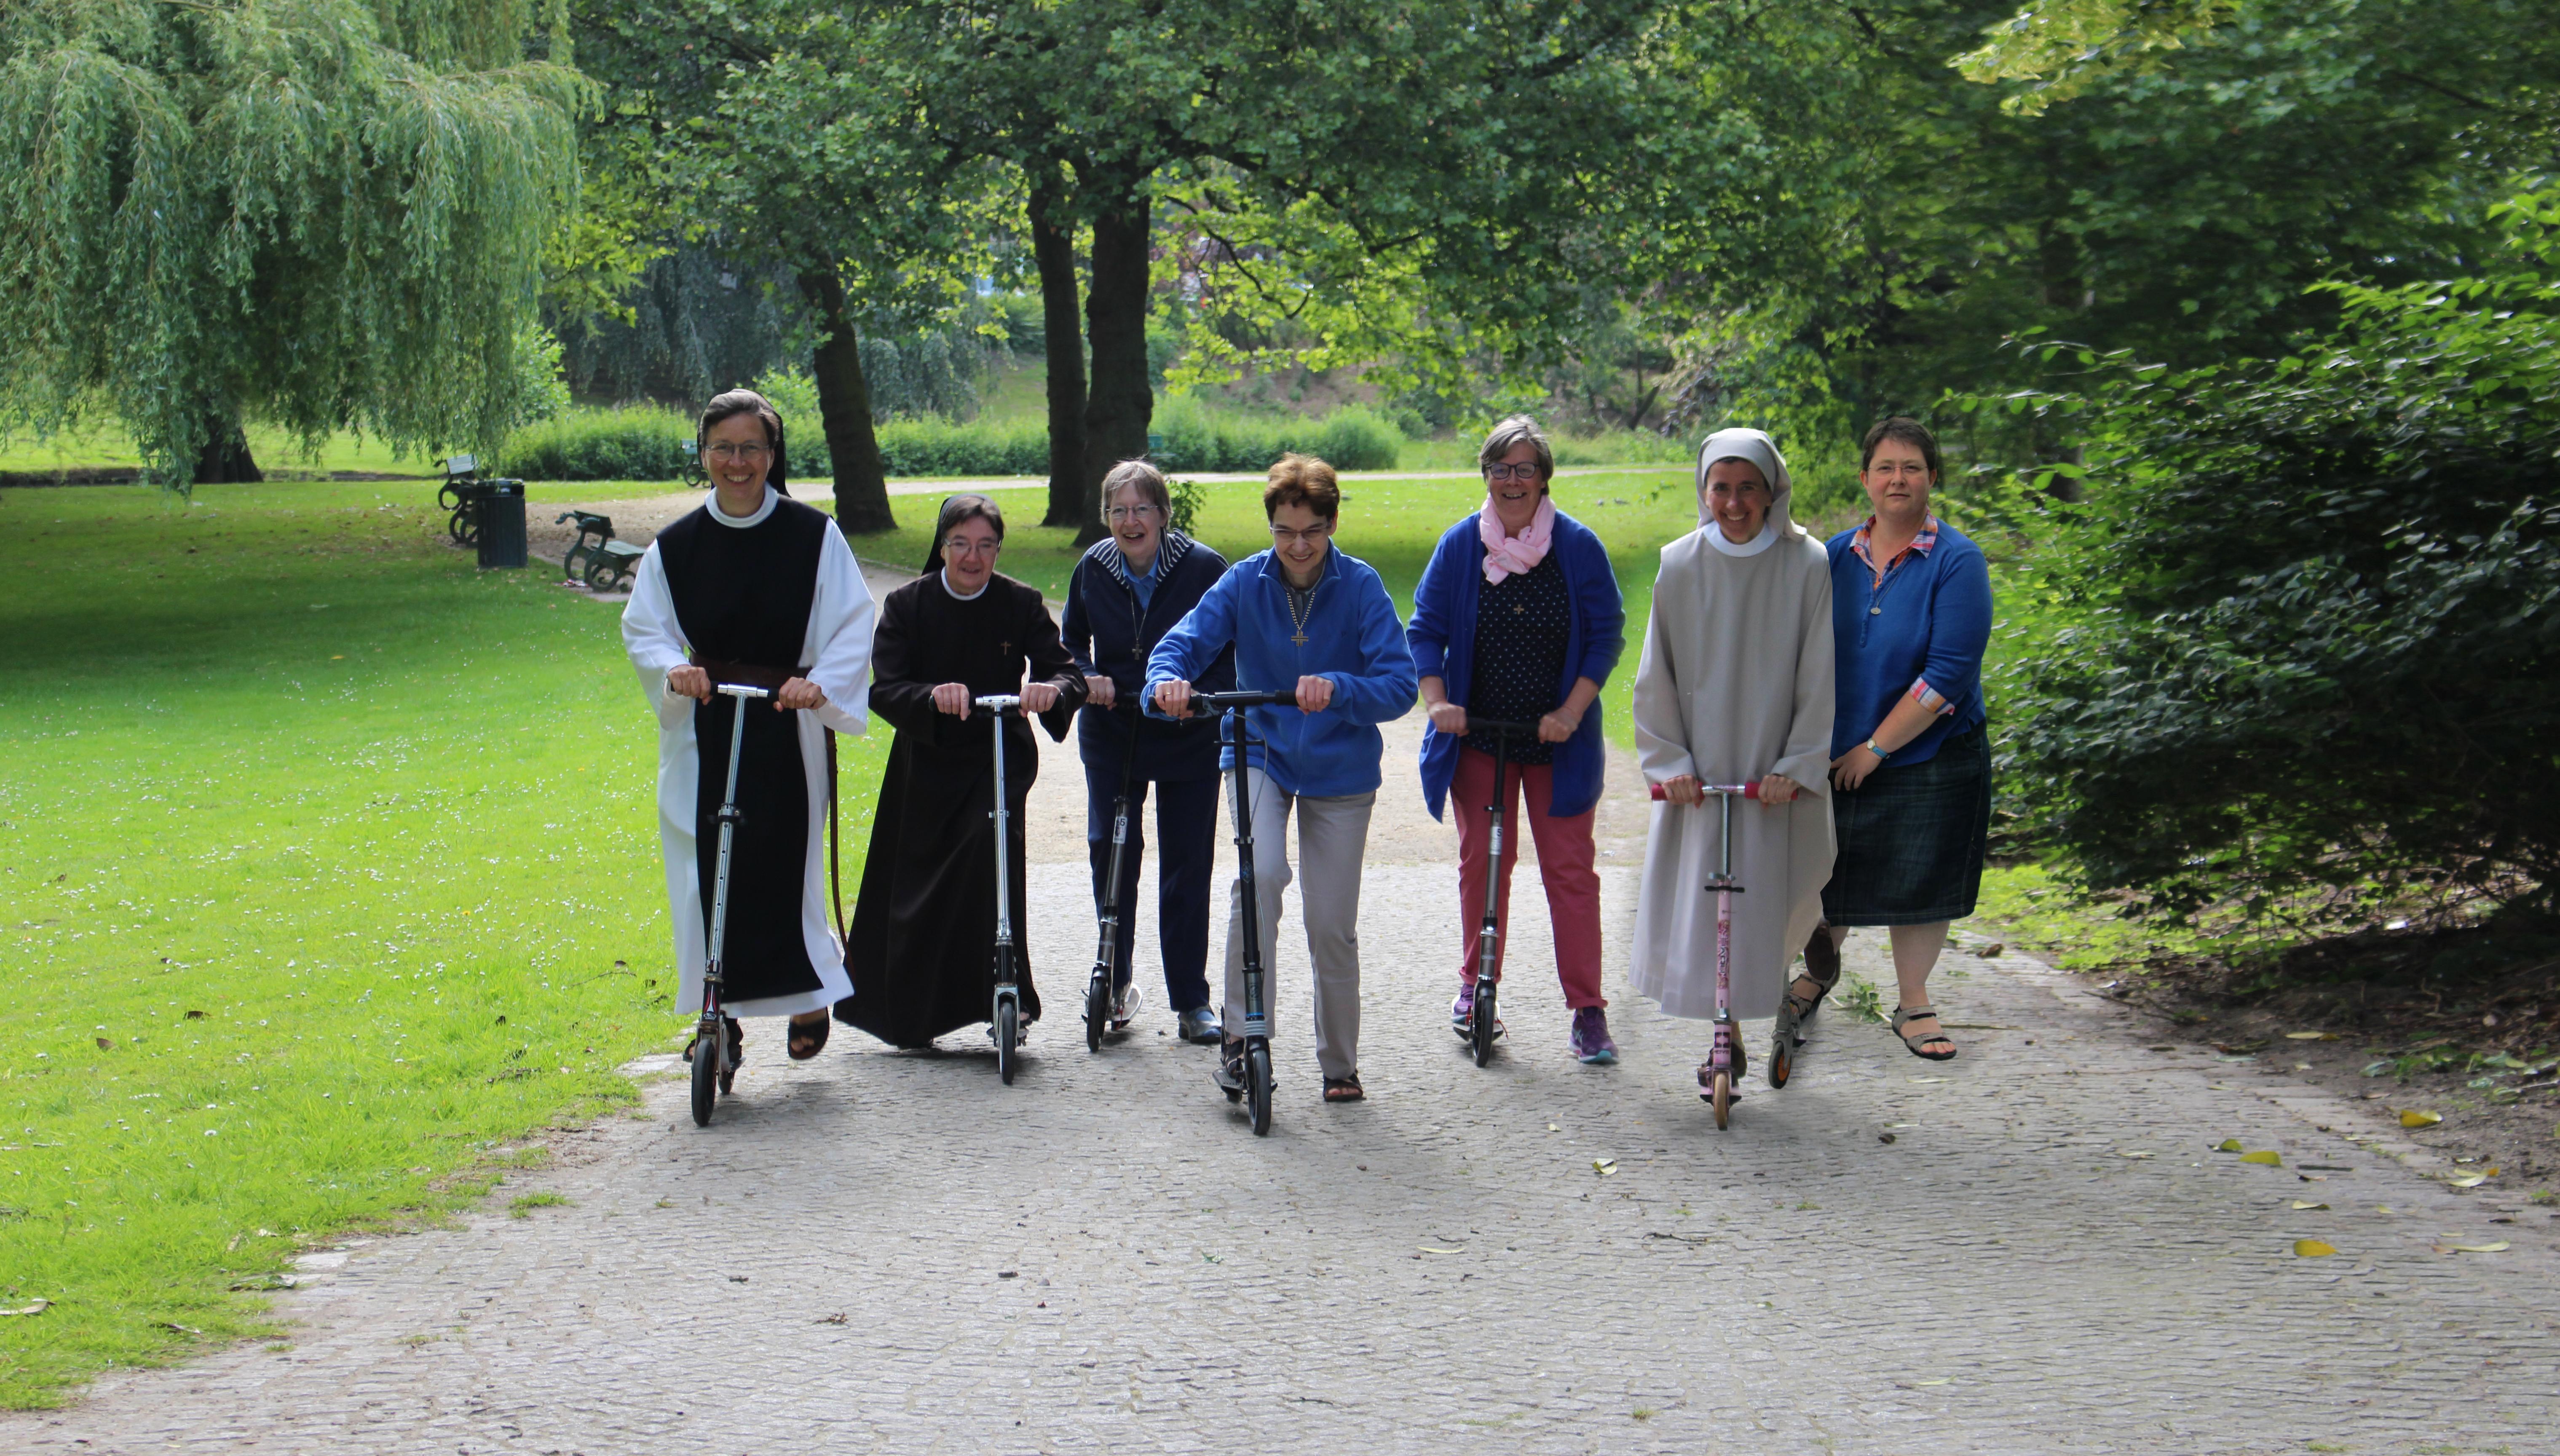 De zusters gaan enthousiast door met 'De kans van je leven' © Aagje Van Impe